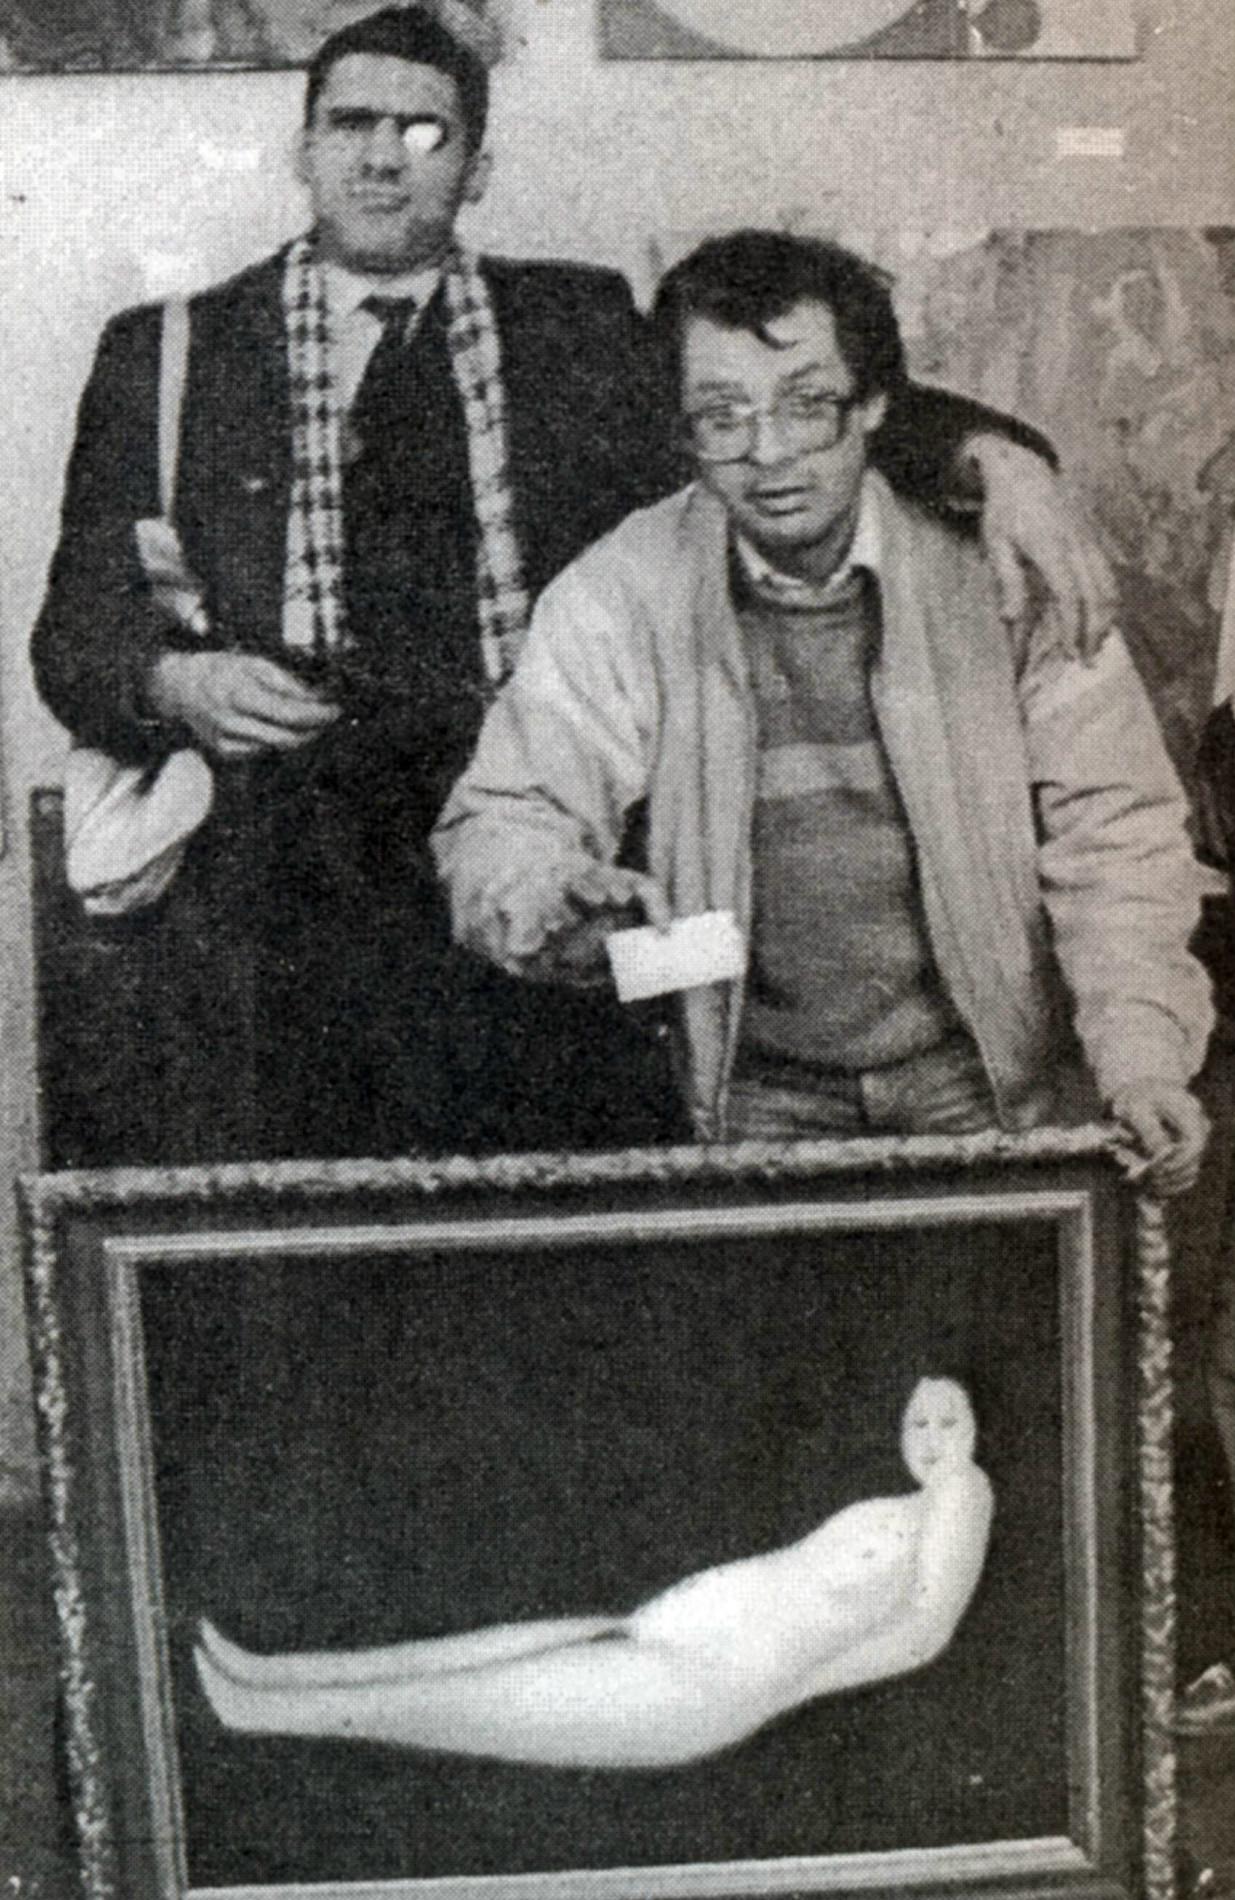 Umetnika Avdej Ter-Oganjan and Jurij Palaičev z njunim delom